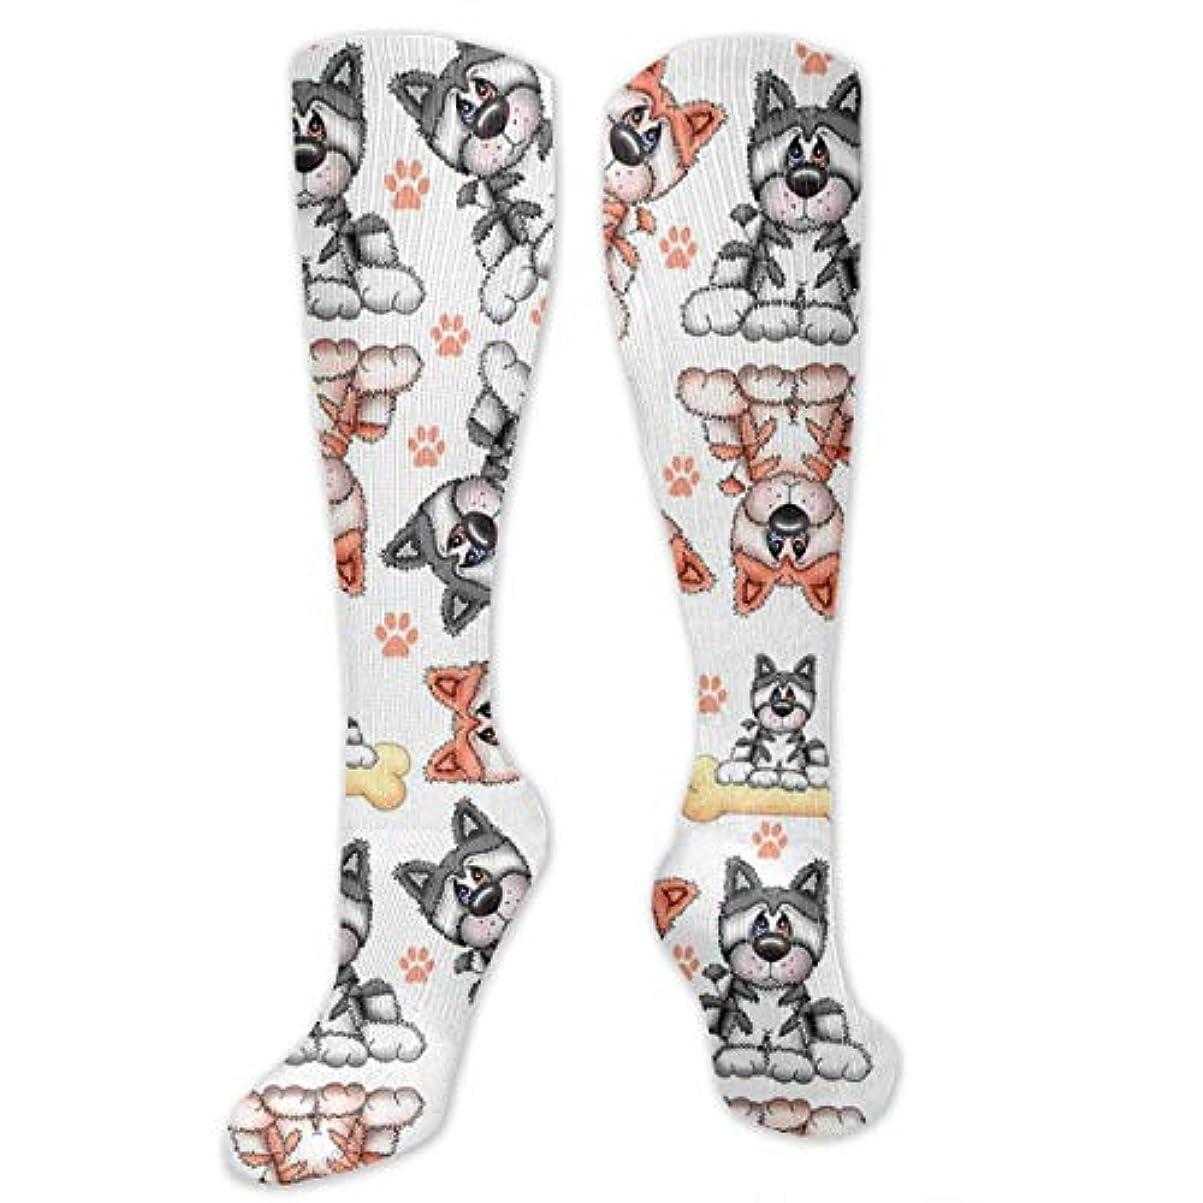 防衛排泄物濃度靴下,ストッキング,野生のジョーカー,実際,秋の本質,冬必須,サマーウェア&RBXAA Husky Dog Socks Women's Winter Cotton Long Tube Socks Cotton Solid...